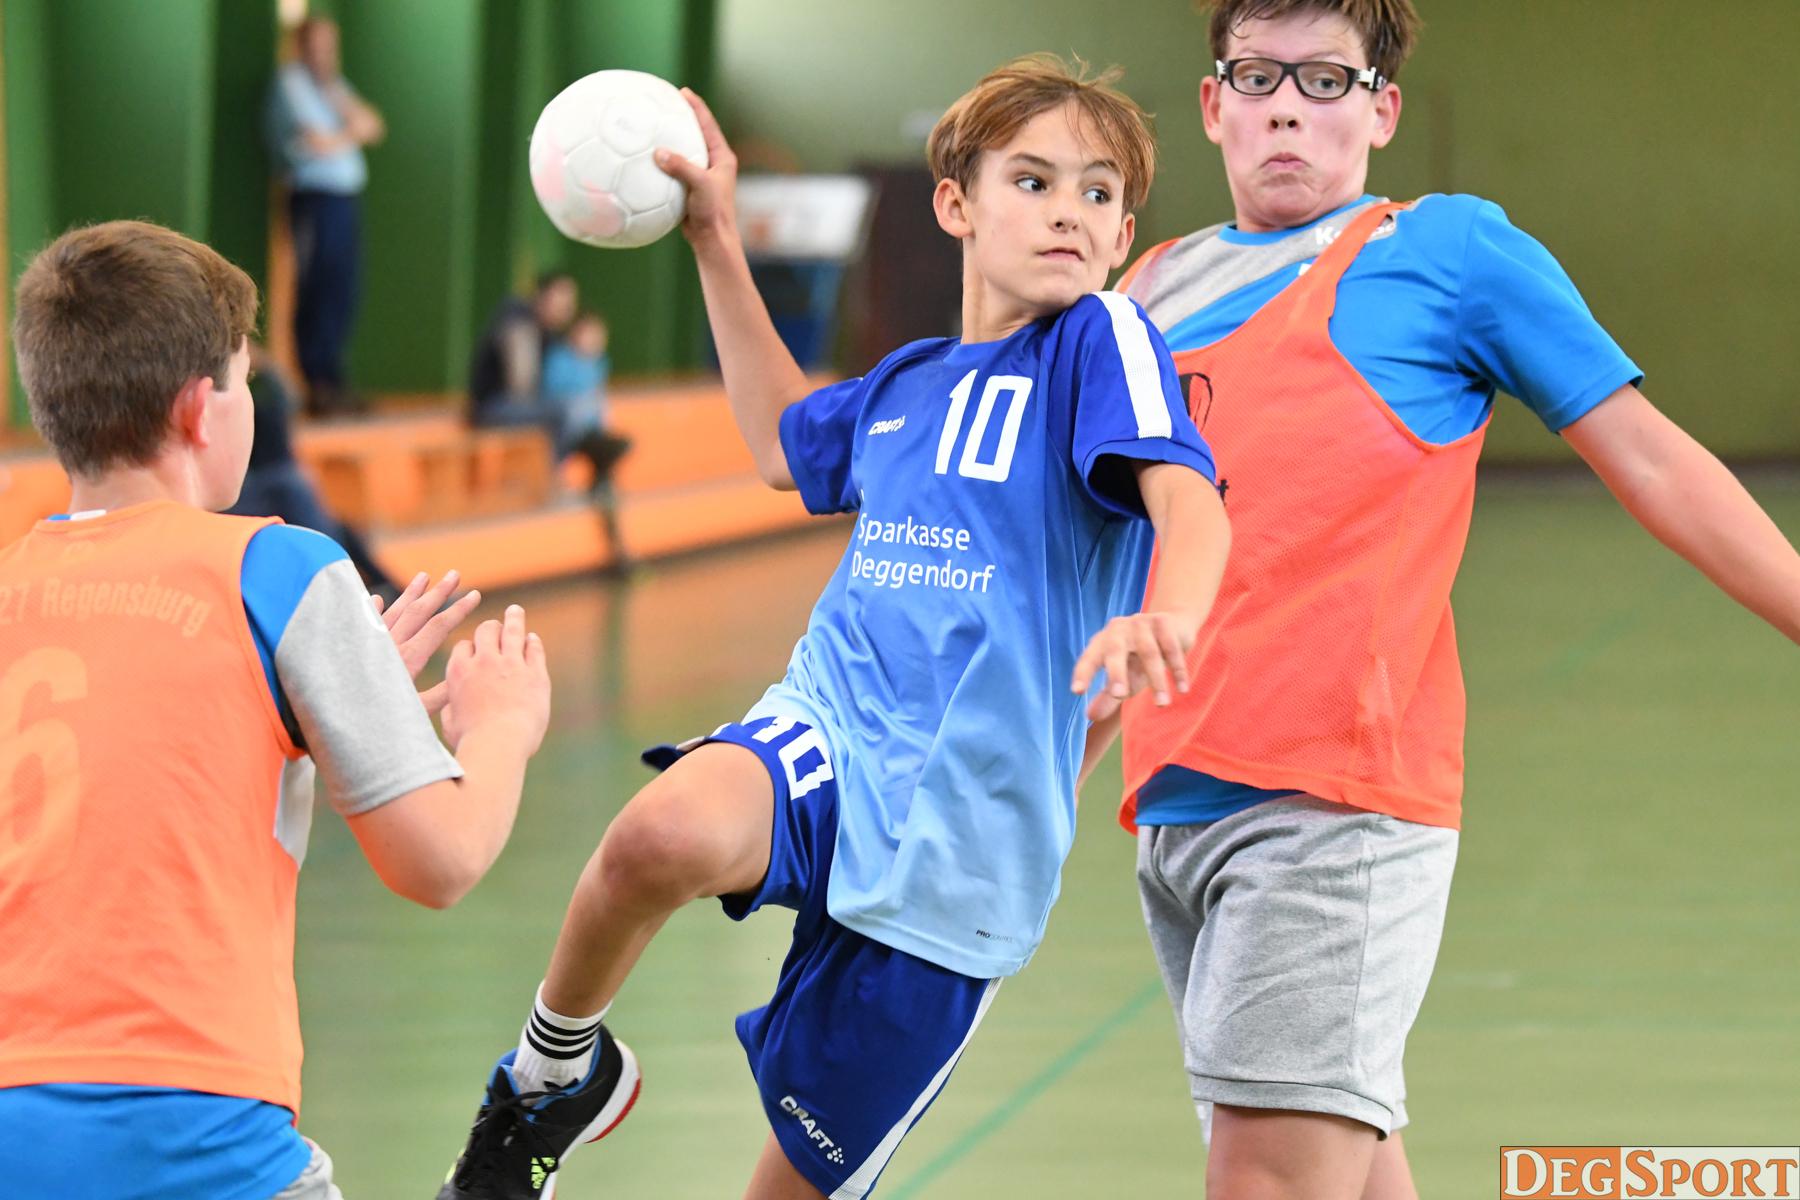 Jugend-Handball vom Wochenende